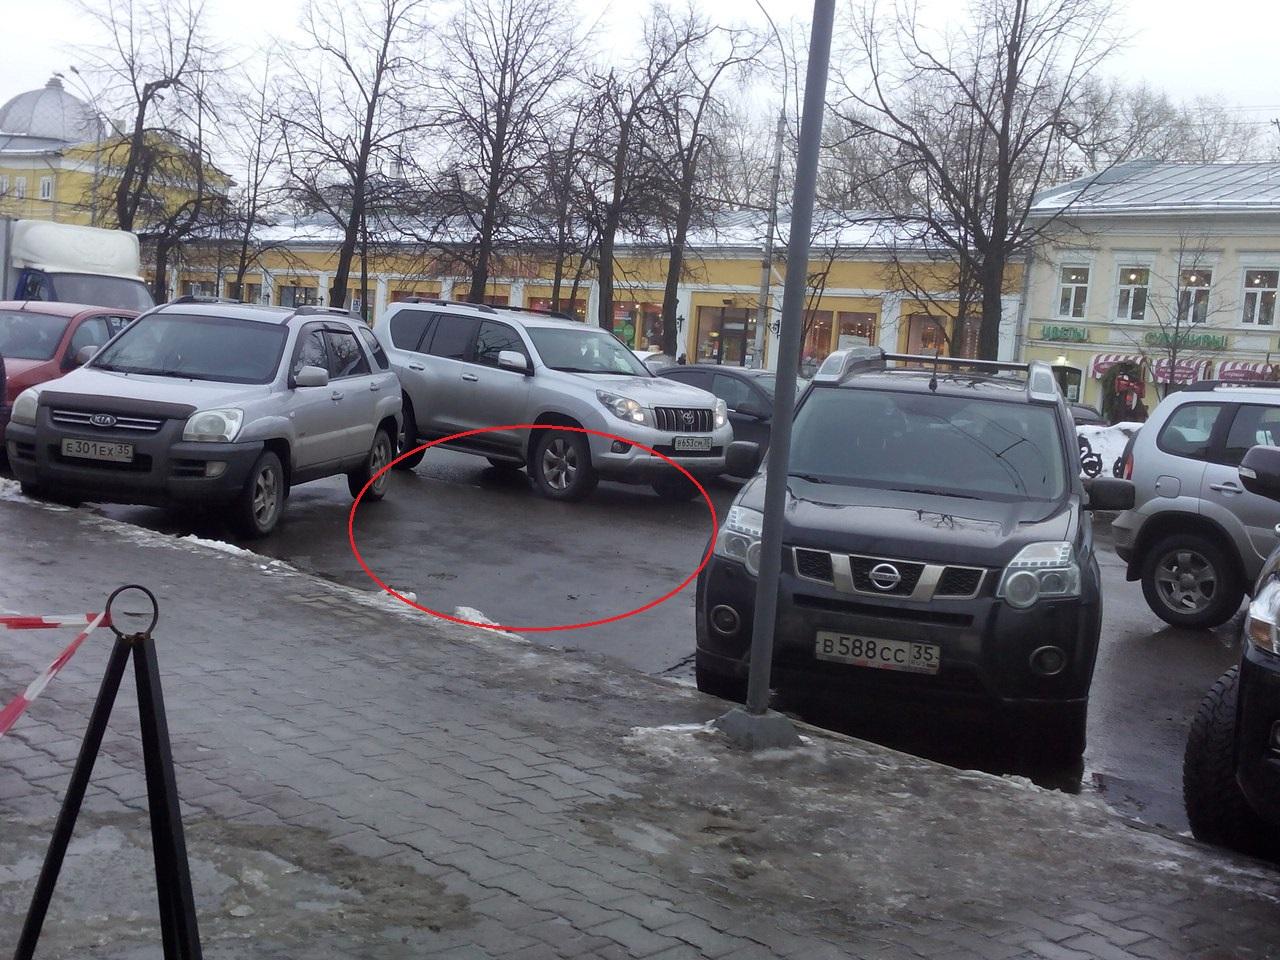 Вологжанка пытается доказать ГИБДД, что ее машину эвакуировали незаконно